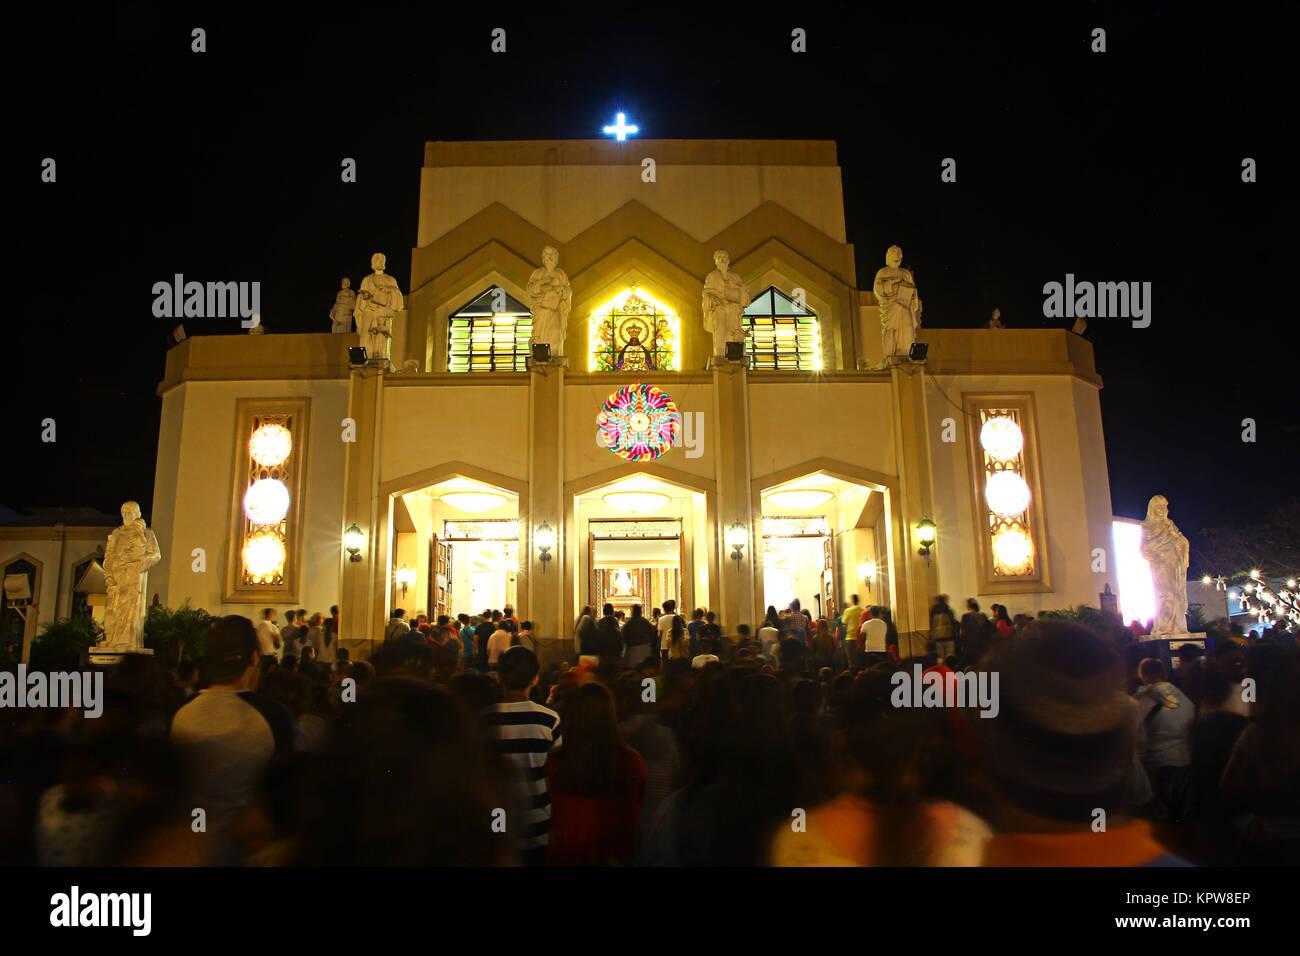 Tausende von philippinischen katholischen Gläubigen nahmen am ersten ...